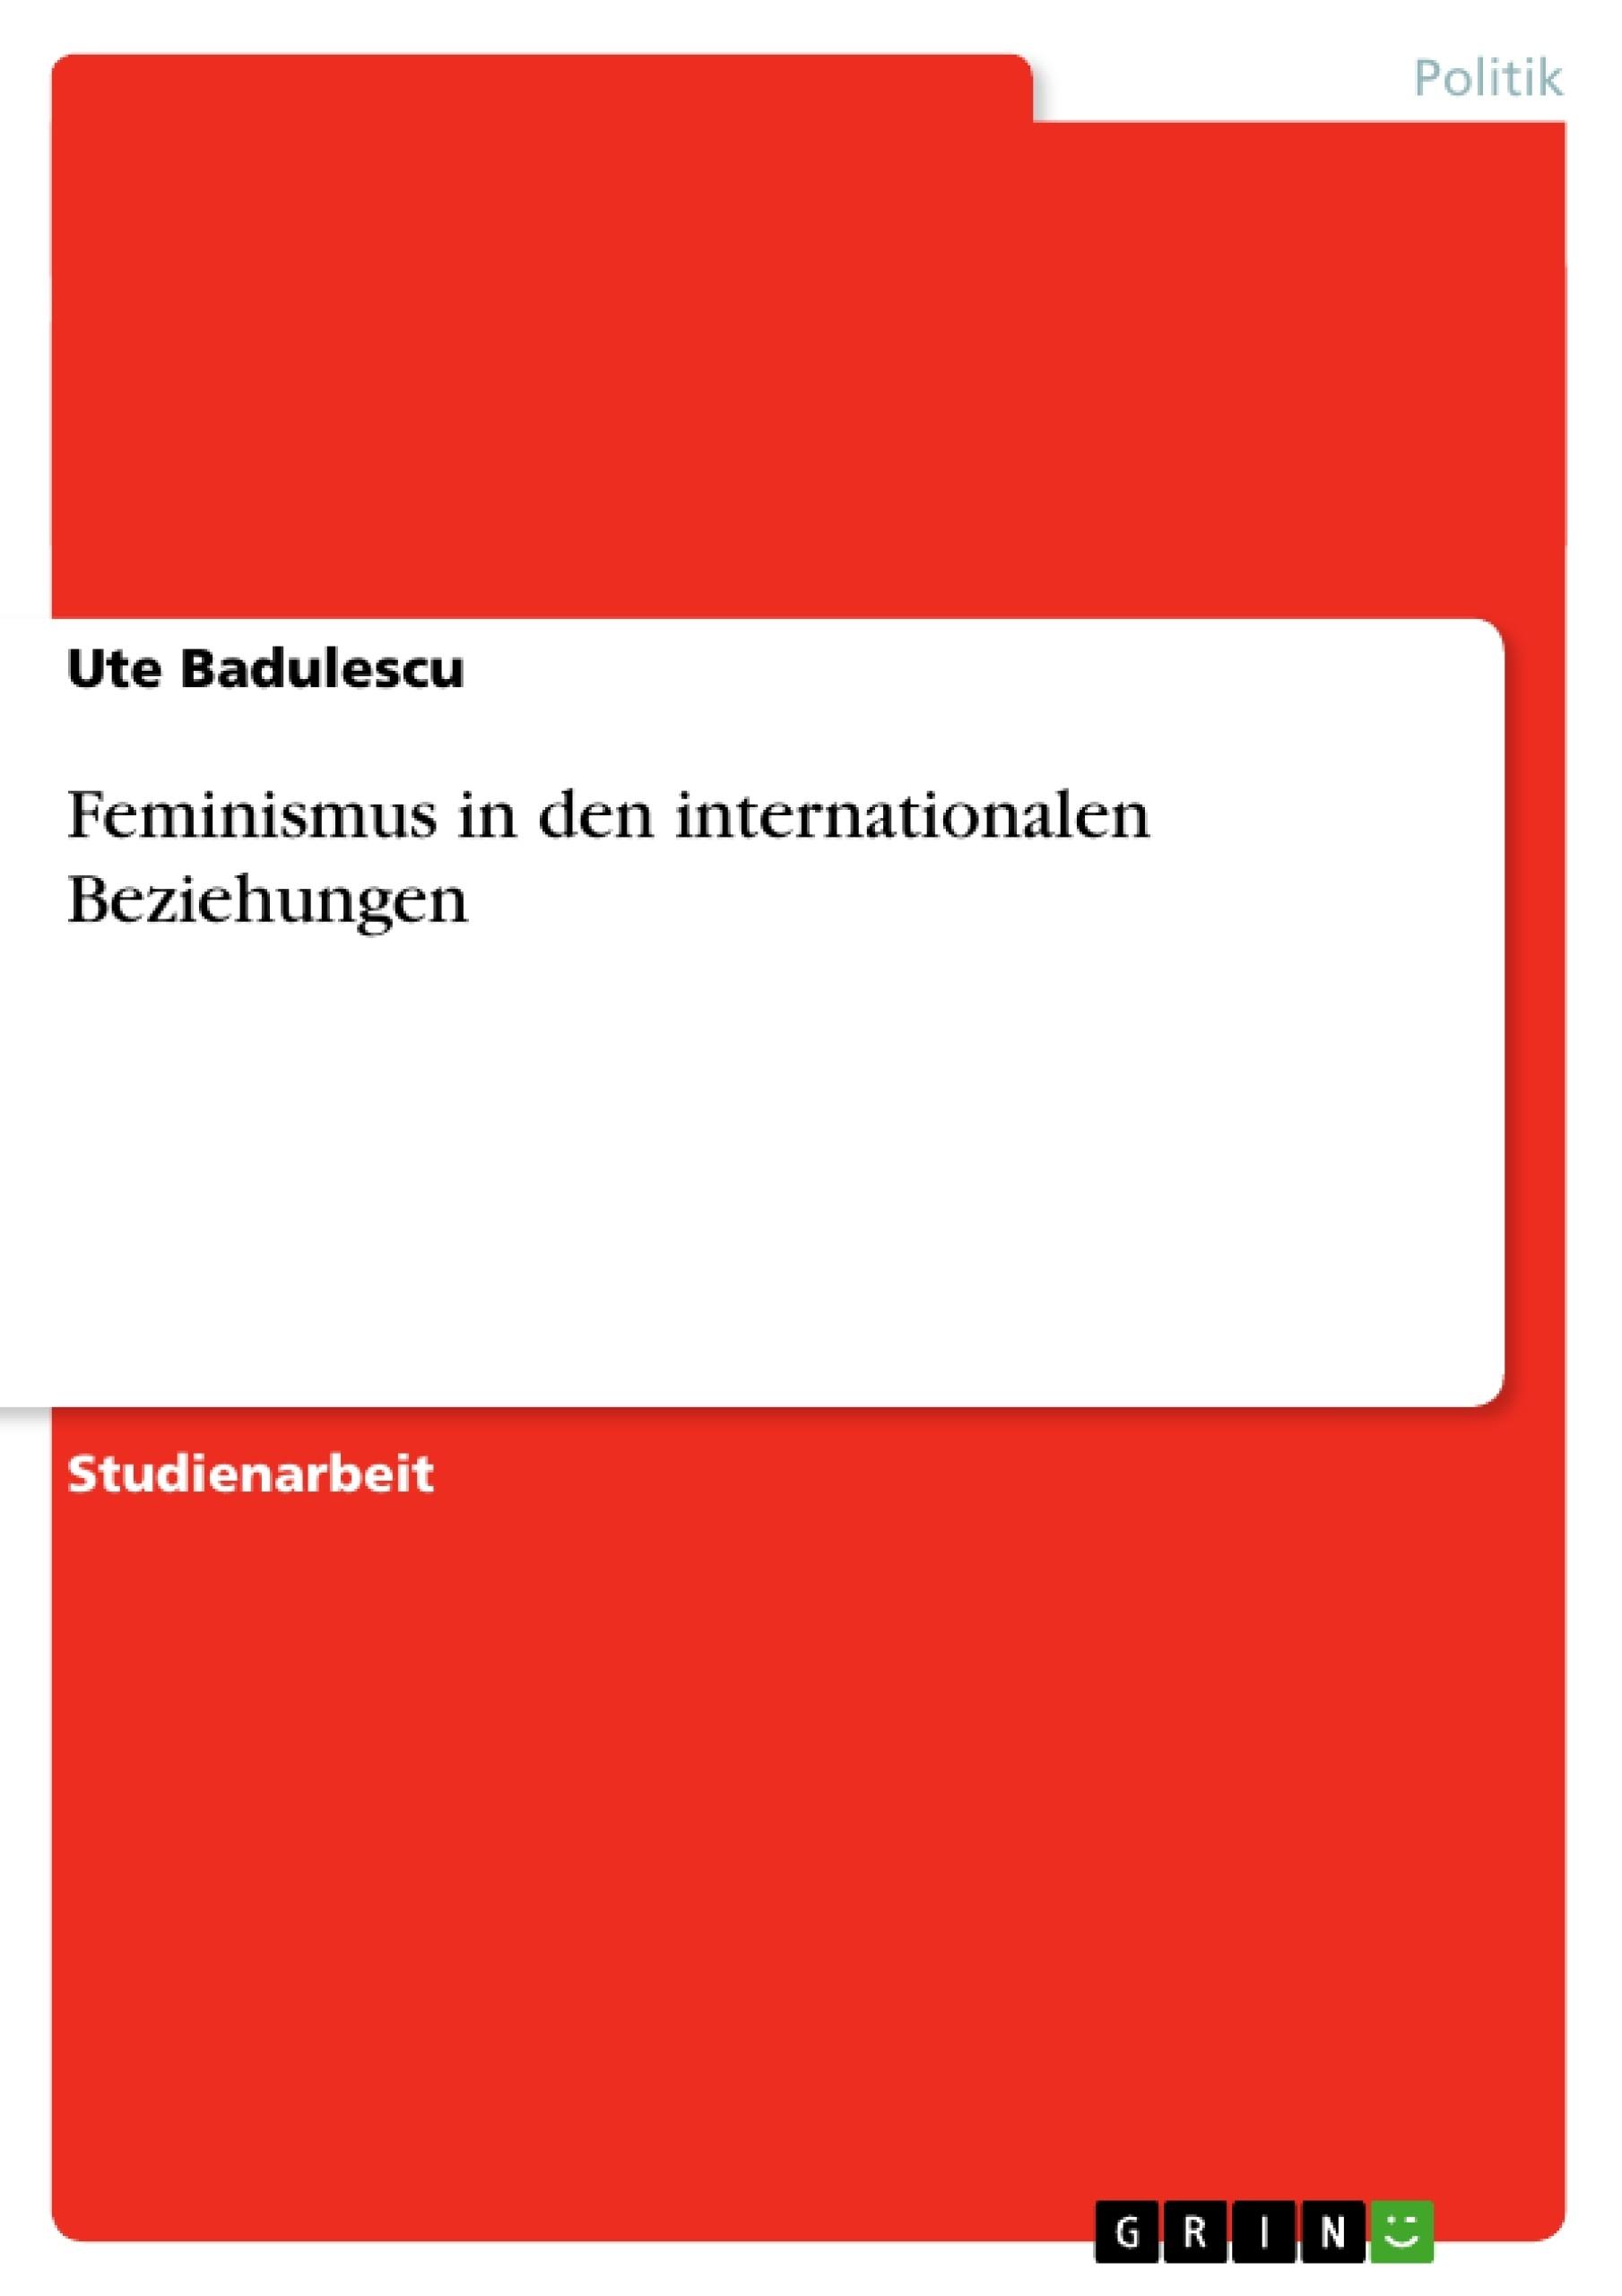 Titel: Feminismus in den internationalen Beziehungen